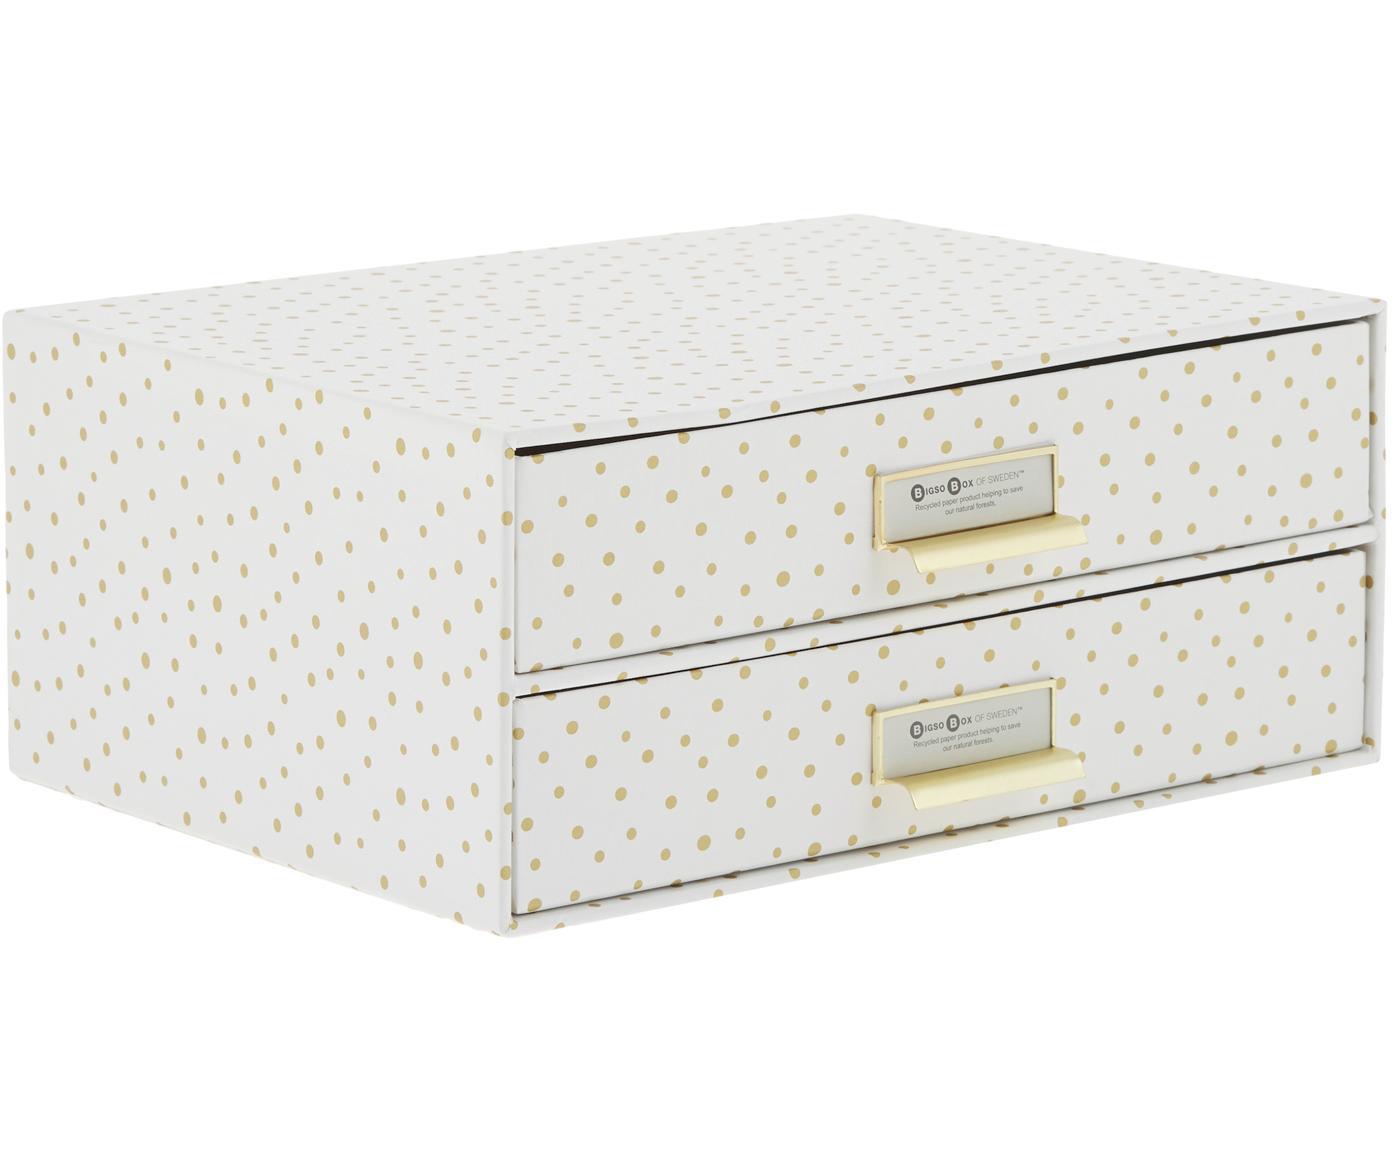 Bureau organizer Birger, Organizer: stevig gelamineerd karton, Wit, goudkleurig, 33 x 15 cm